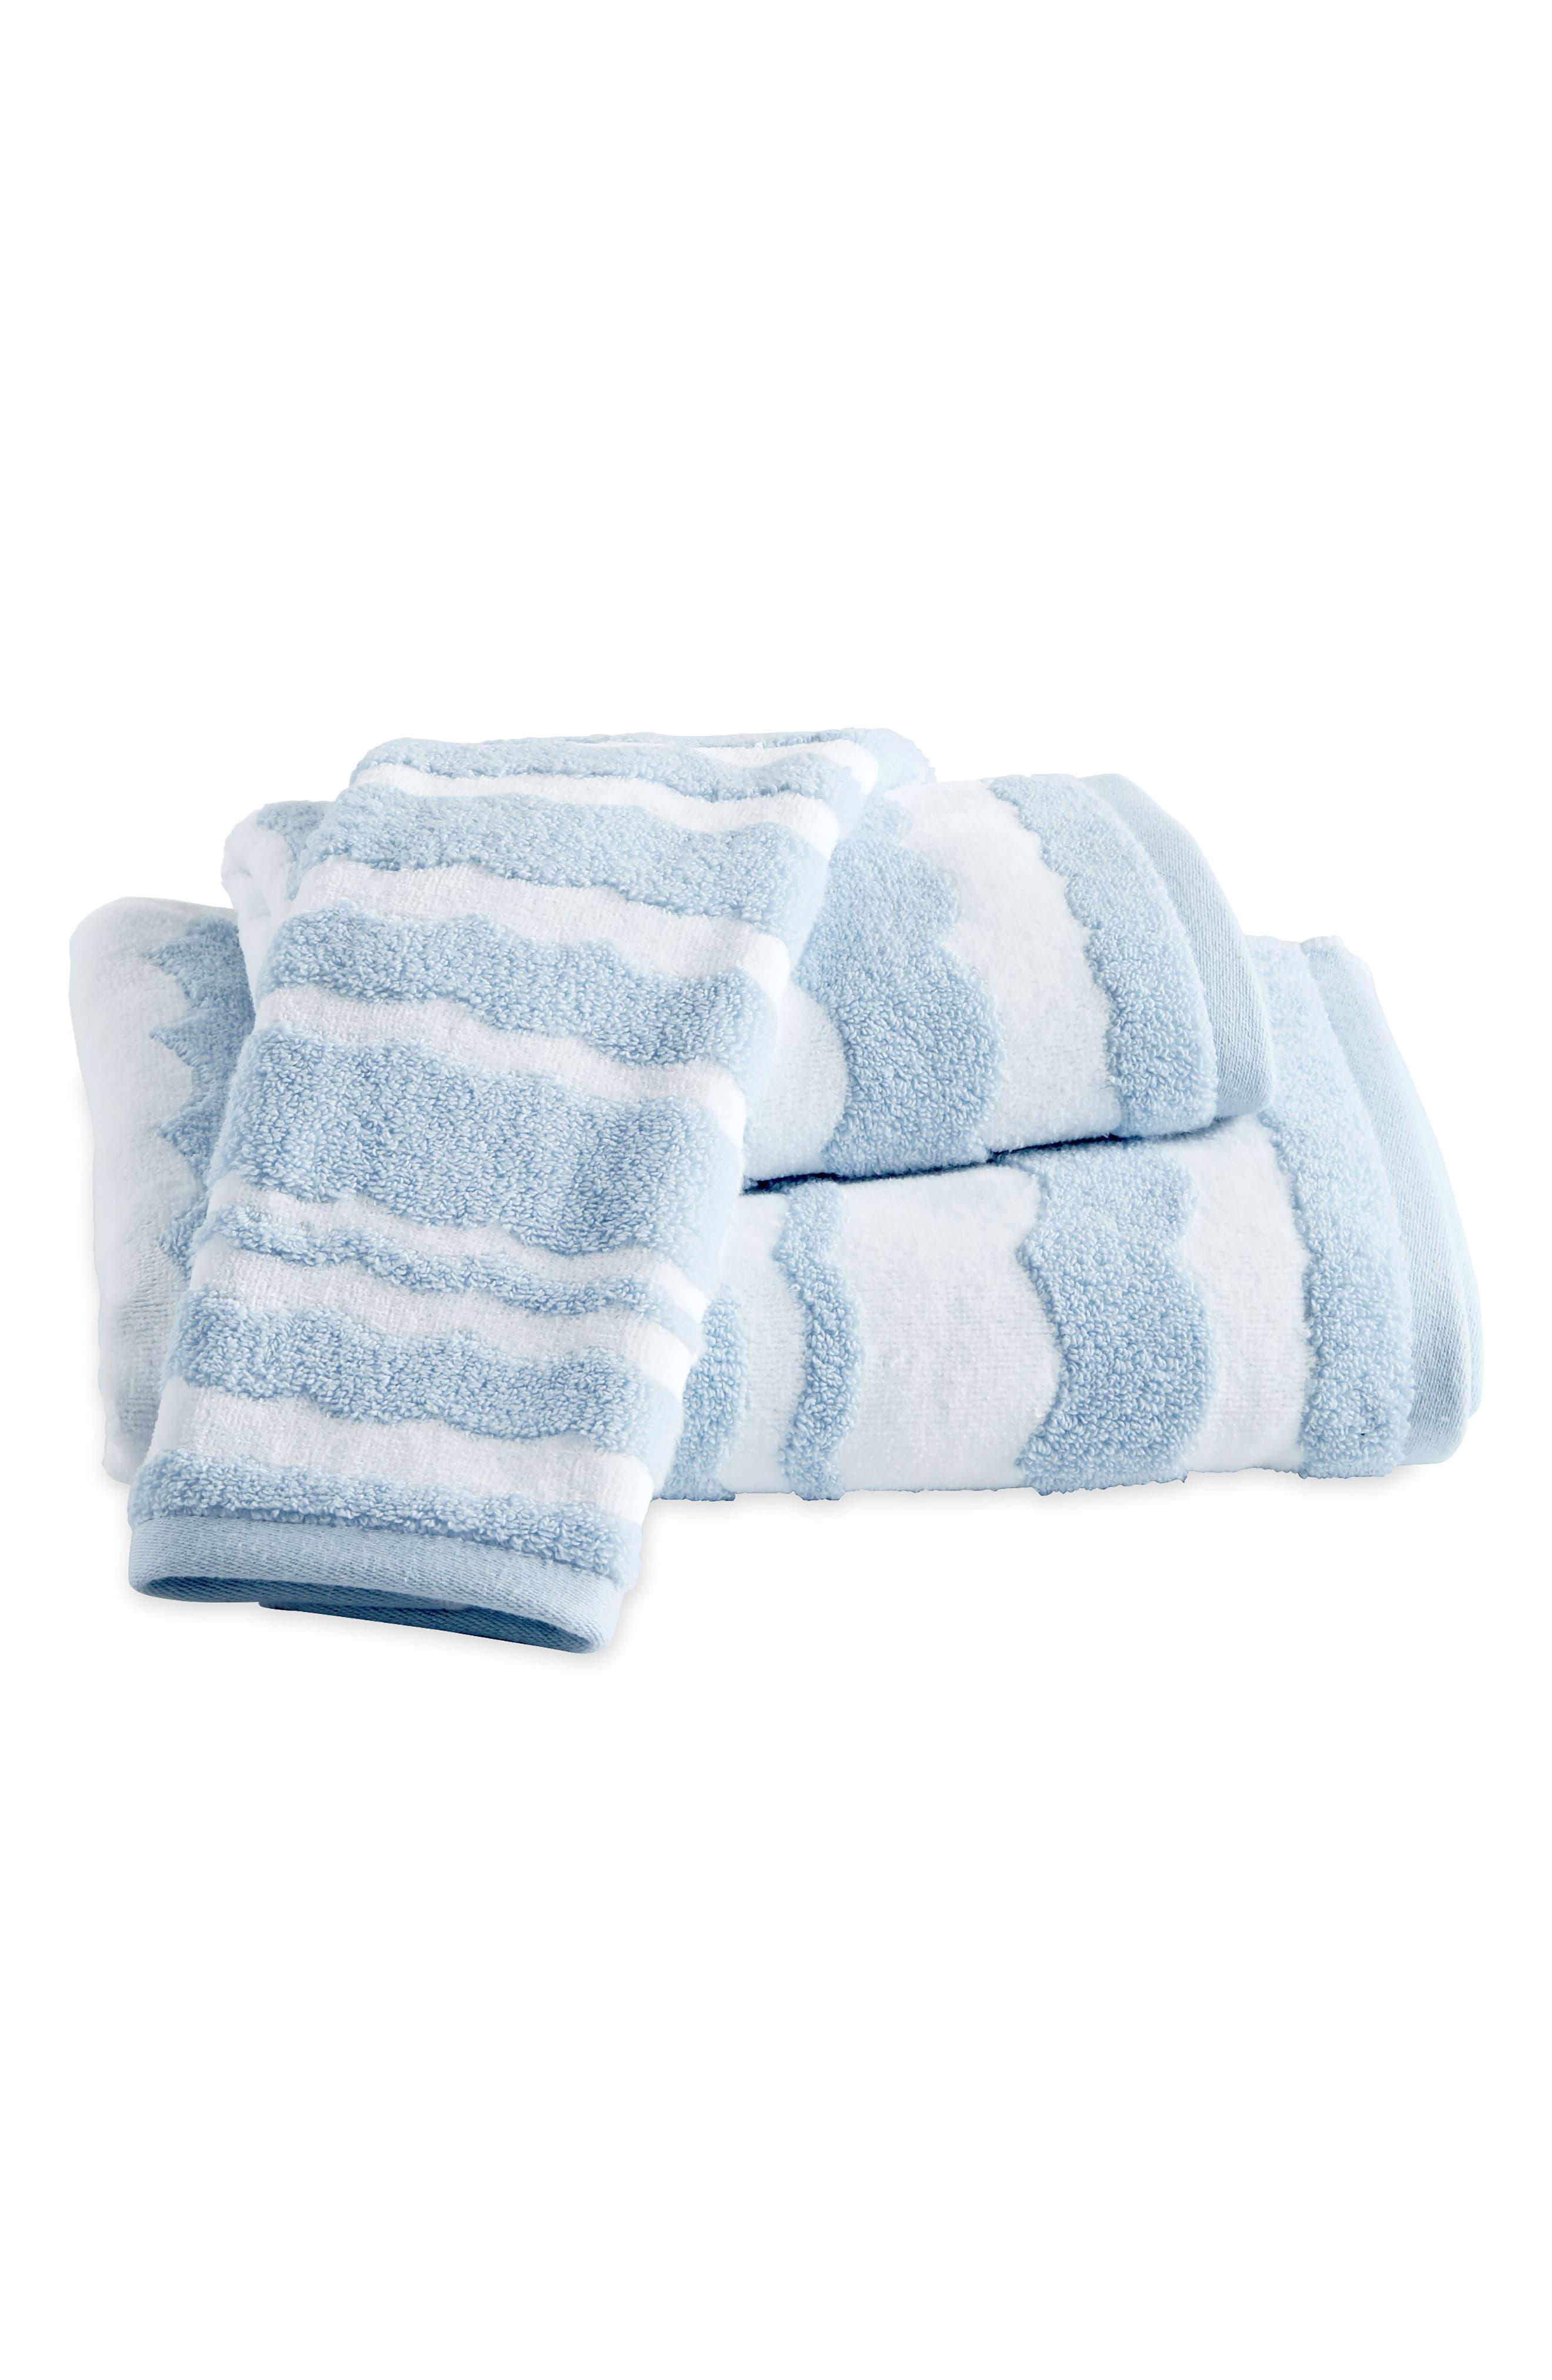 Destinations Wave Scallop Bath Towel, Hand Towel and Tip Towel Set